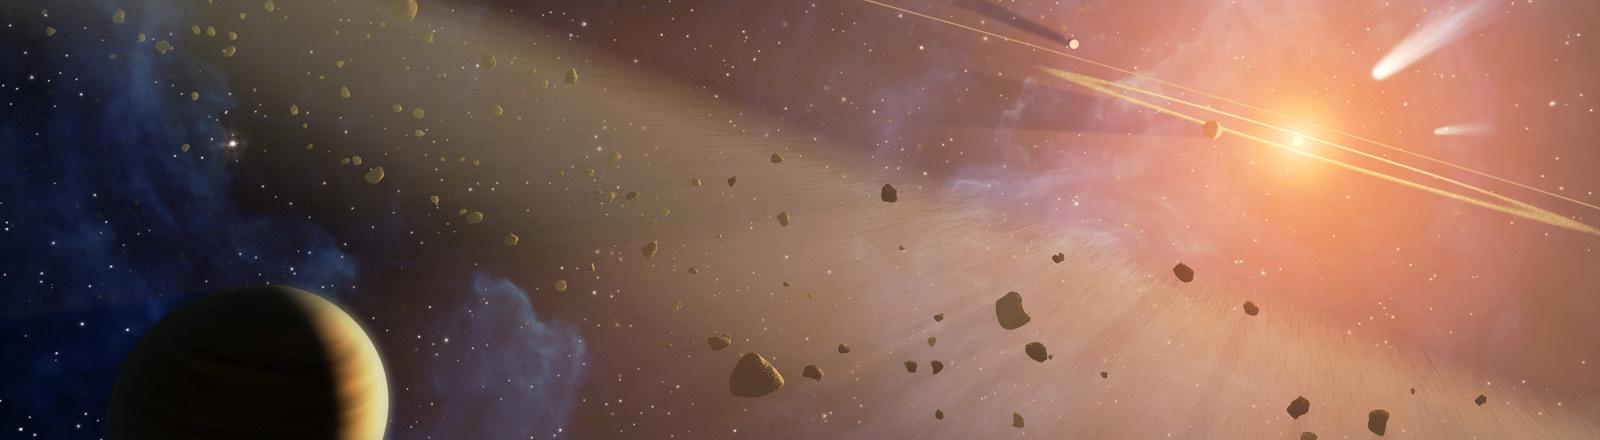 Weltraumteleskop entdeckt Asteroidengürtel bei Nachbar-Sonnensystem.